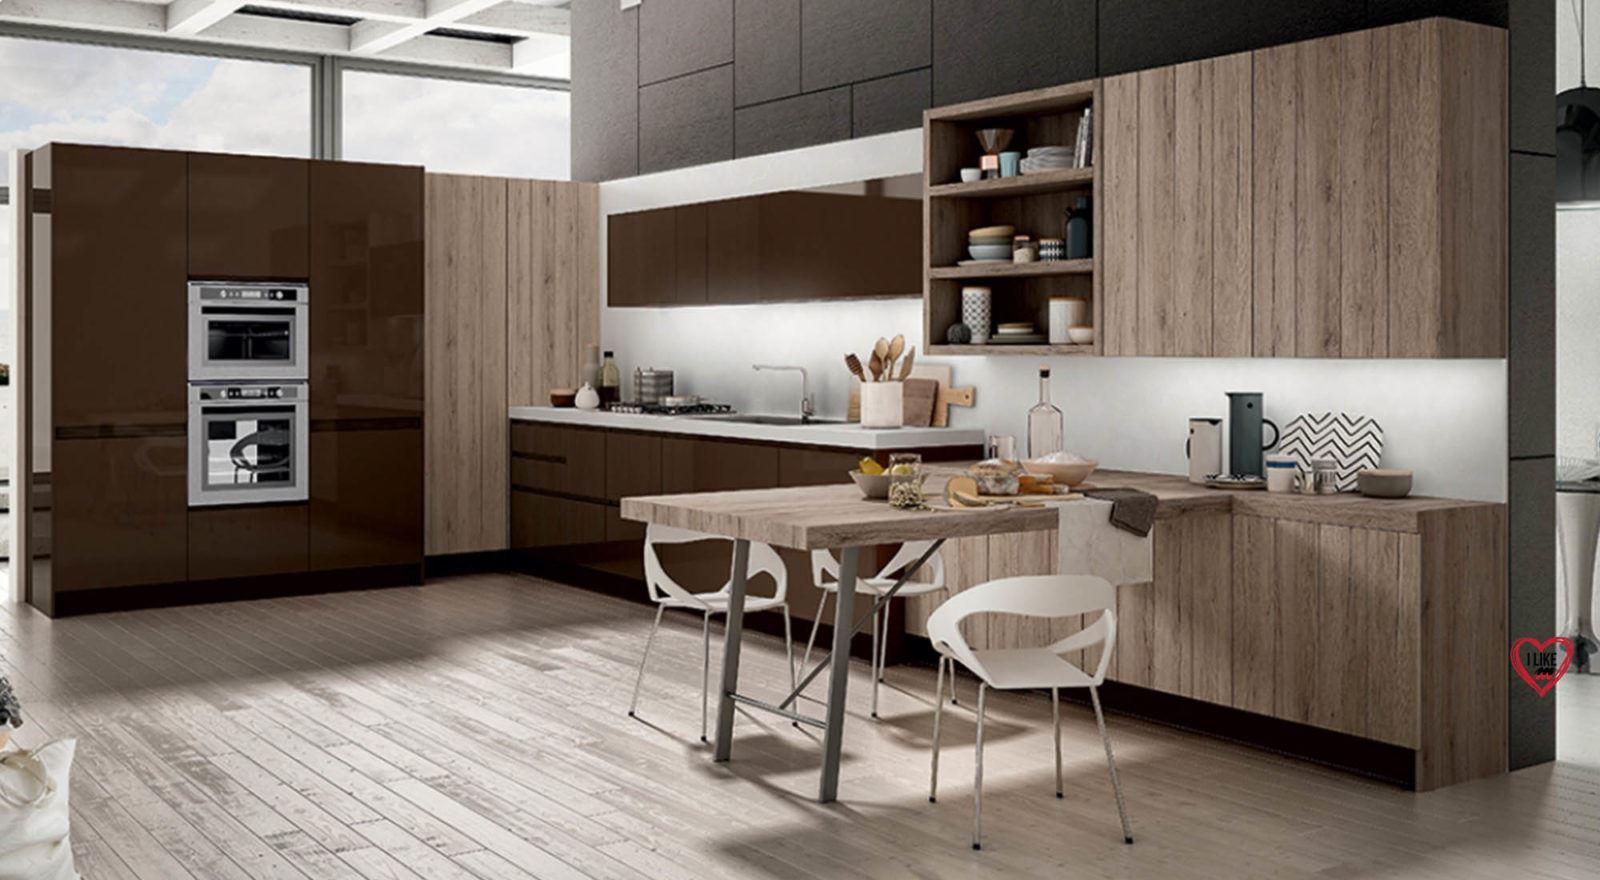 Cucine angolari moderne a padova - Cucine moderne da sogno ...